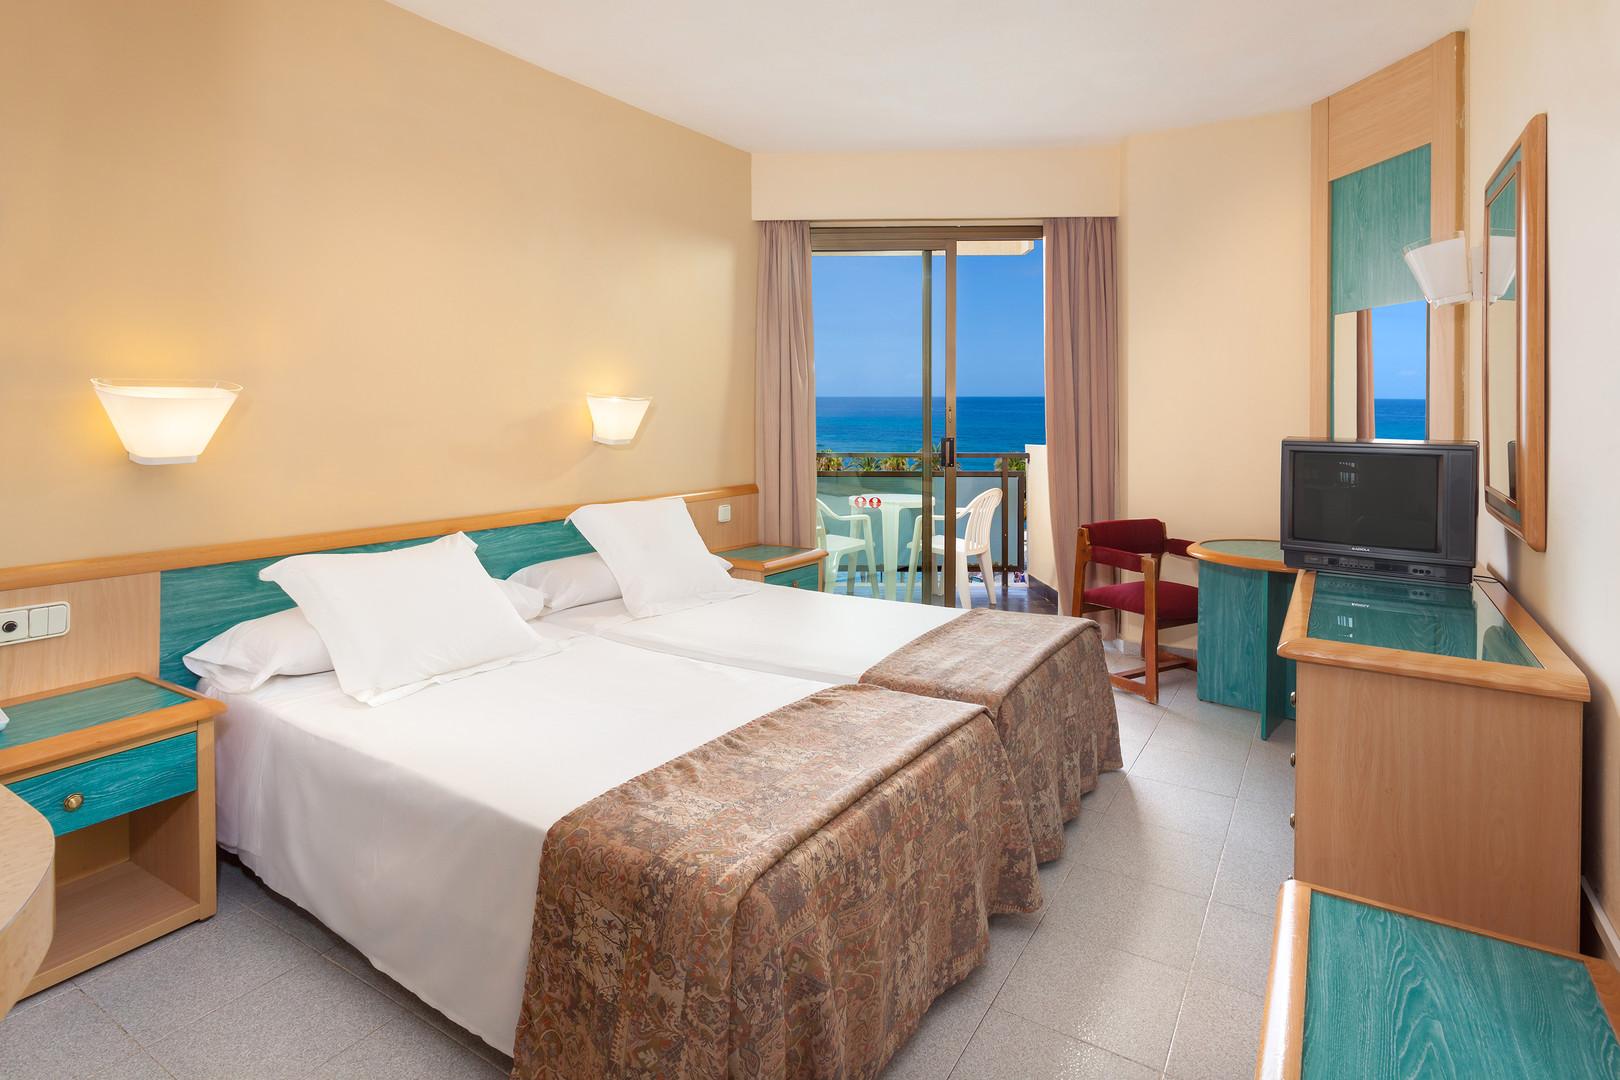 Hotel Sol Tenerife #4